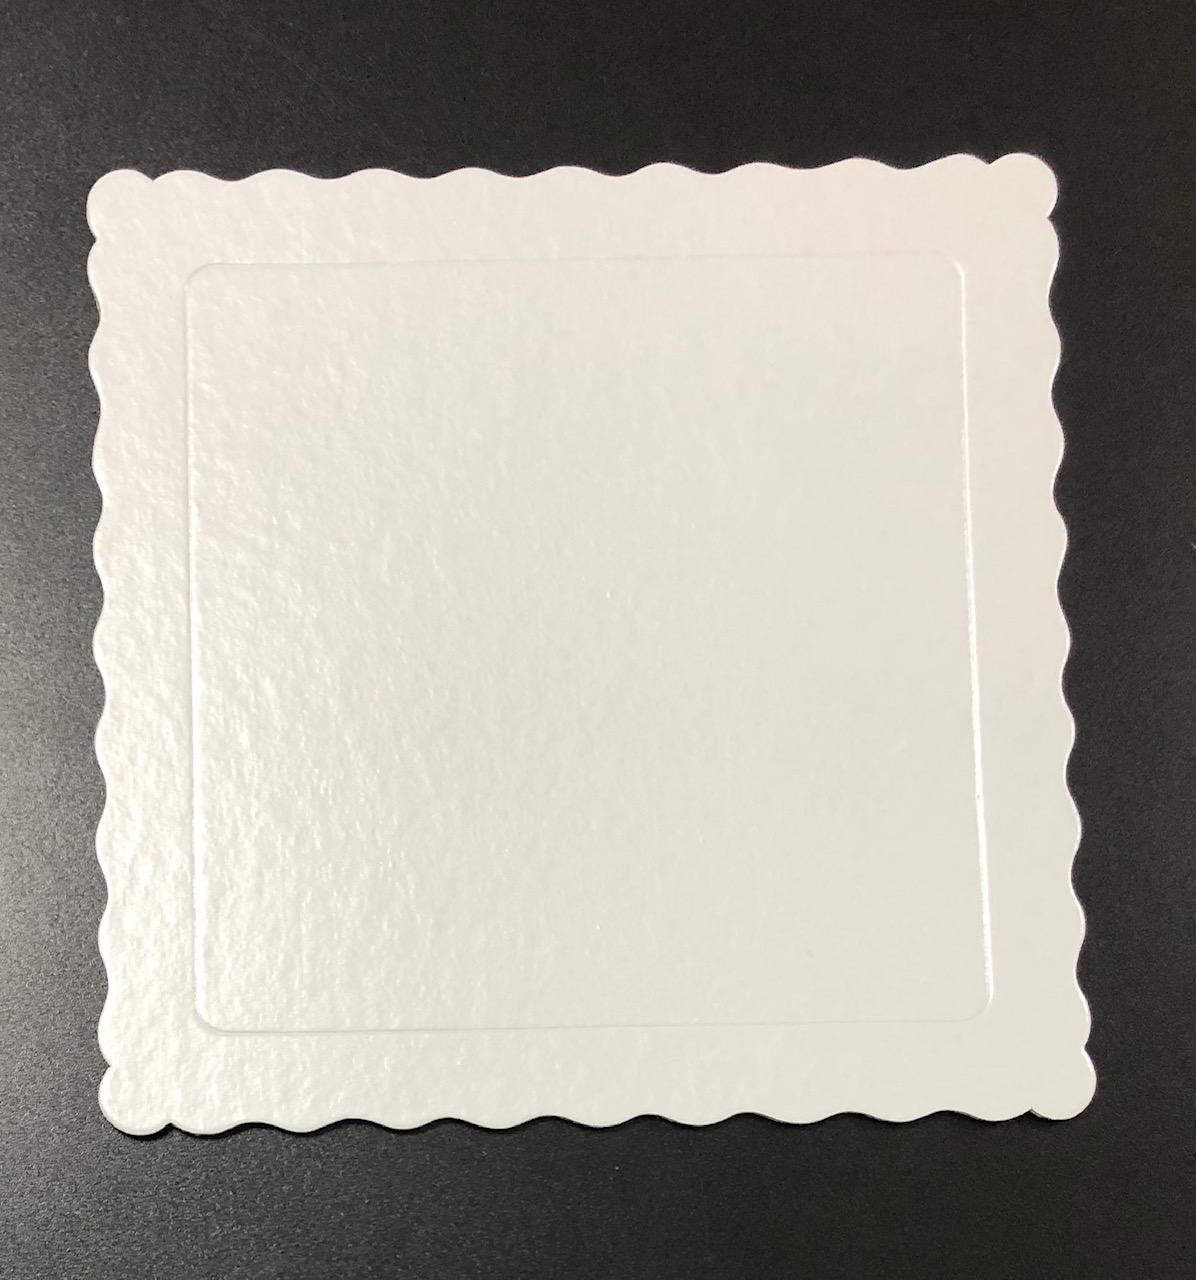 100 Bases Laminadas Para Bolo Quadrado, Cake Board 28x28cm - Branco